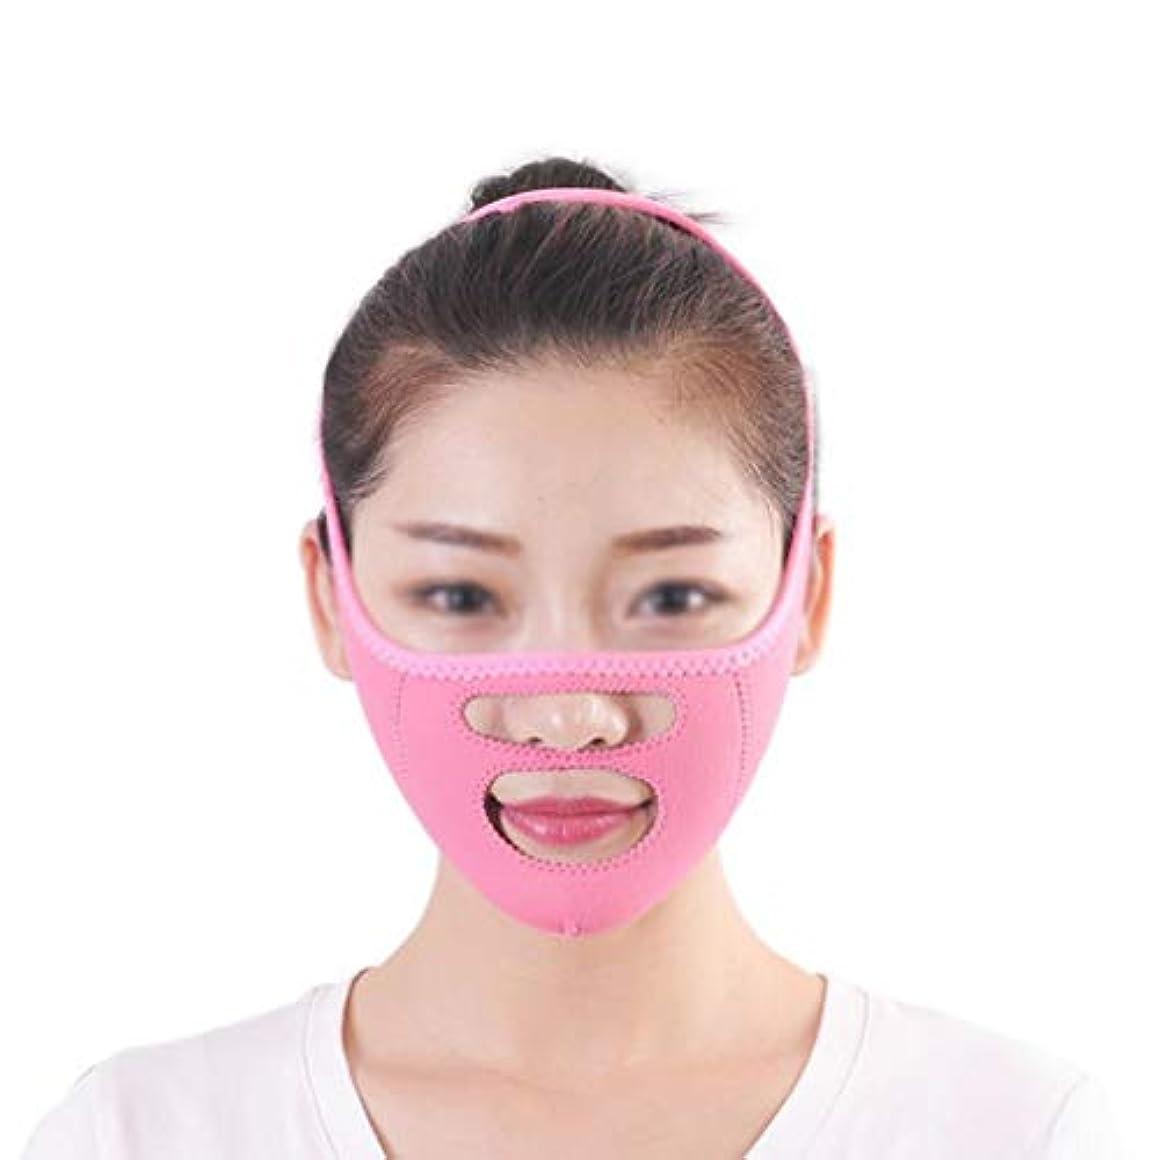 大型トラックコイン行商人ZWBD フェイスマスク, 薄い顔のアーティファクト包帯Vの顔薄い咬筋補正Vの顔のアーティファクトを整形して、身体の健康の引き締めを改善する